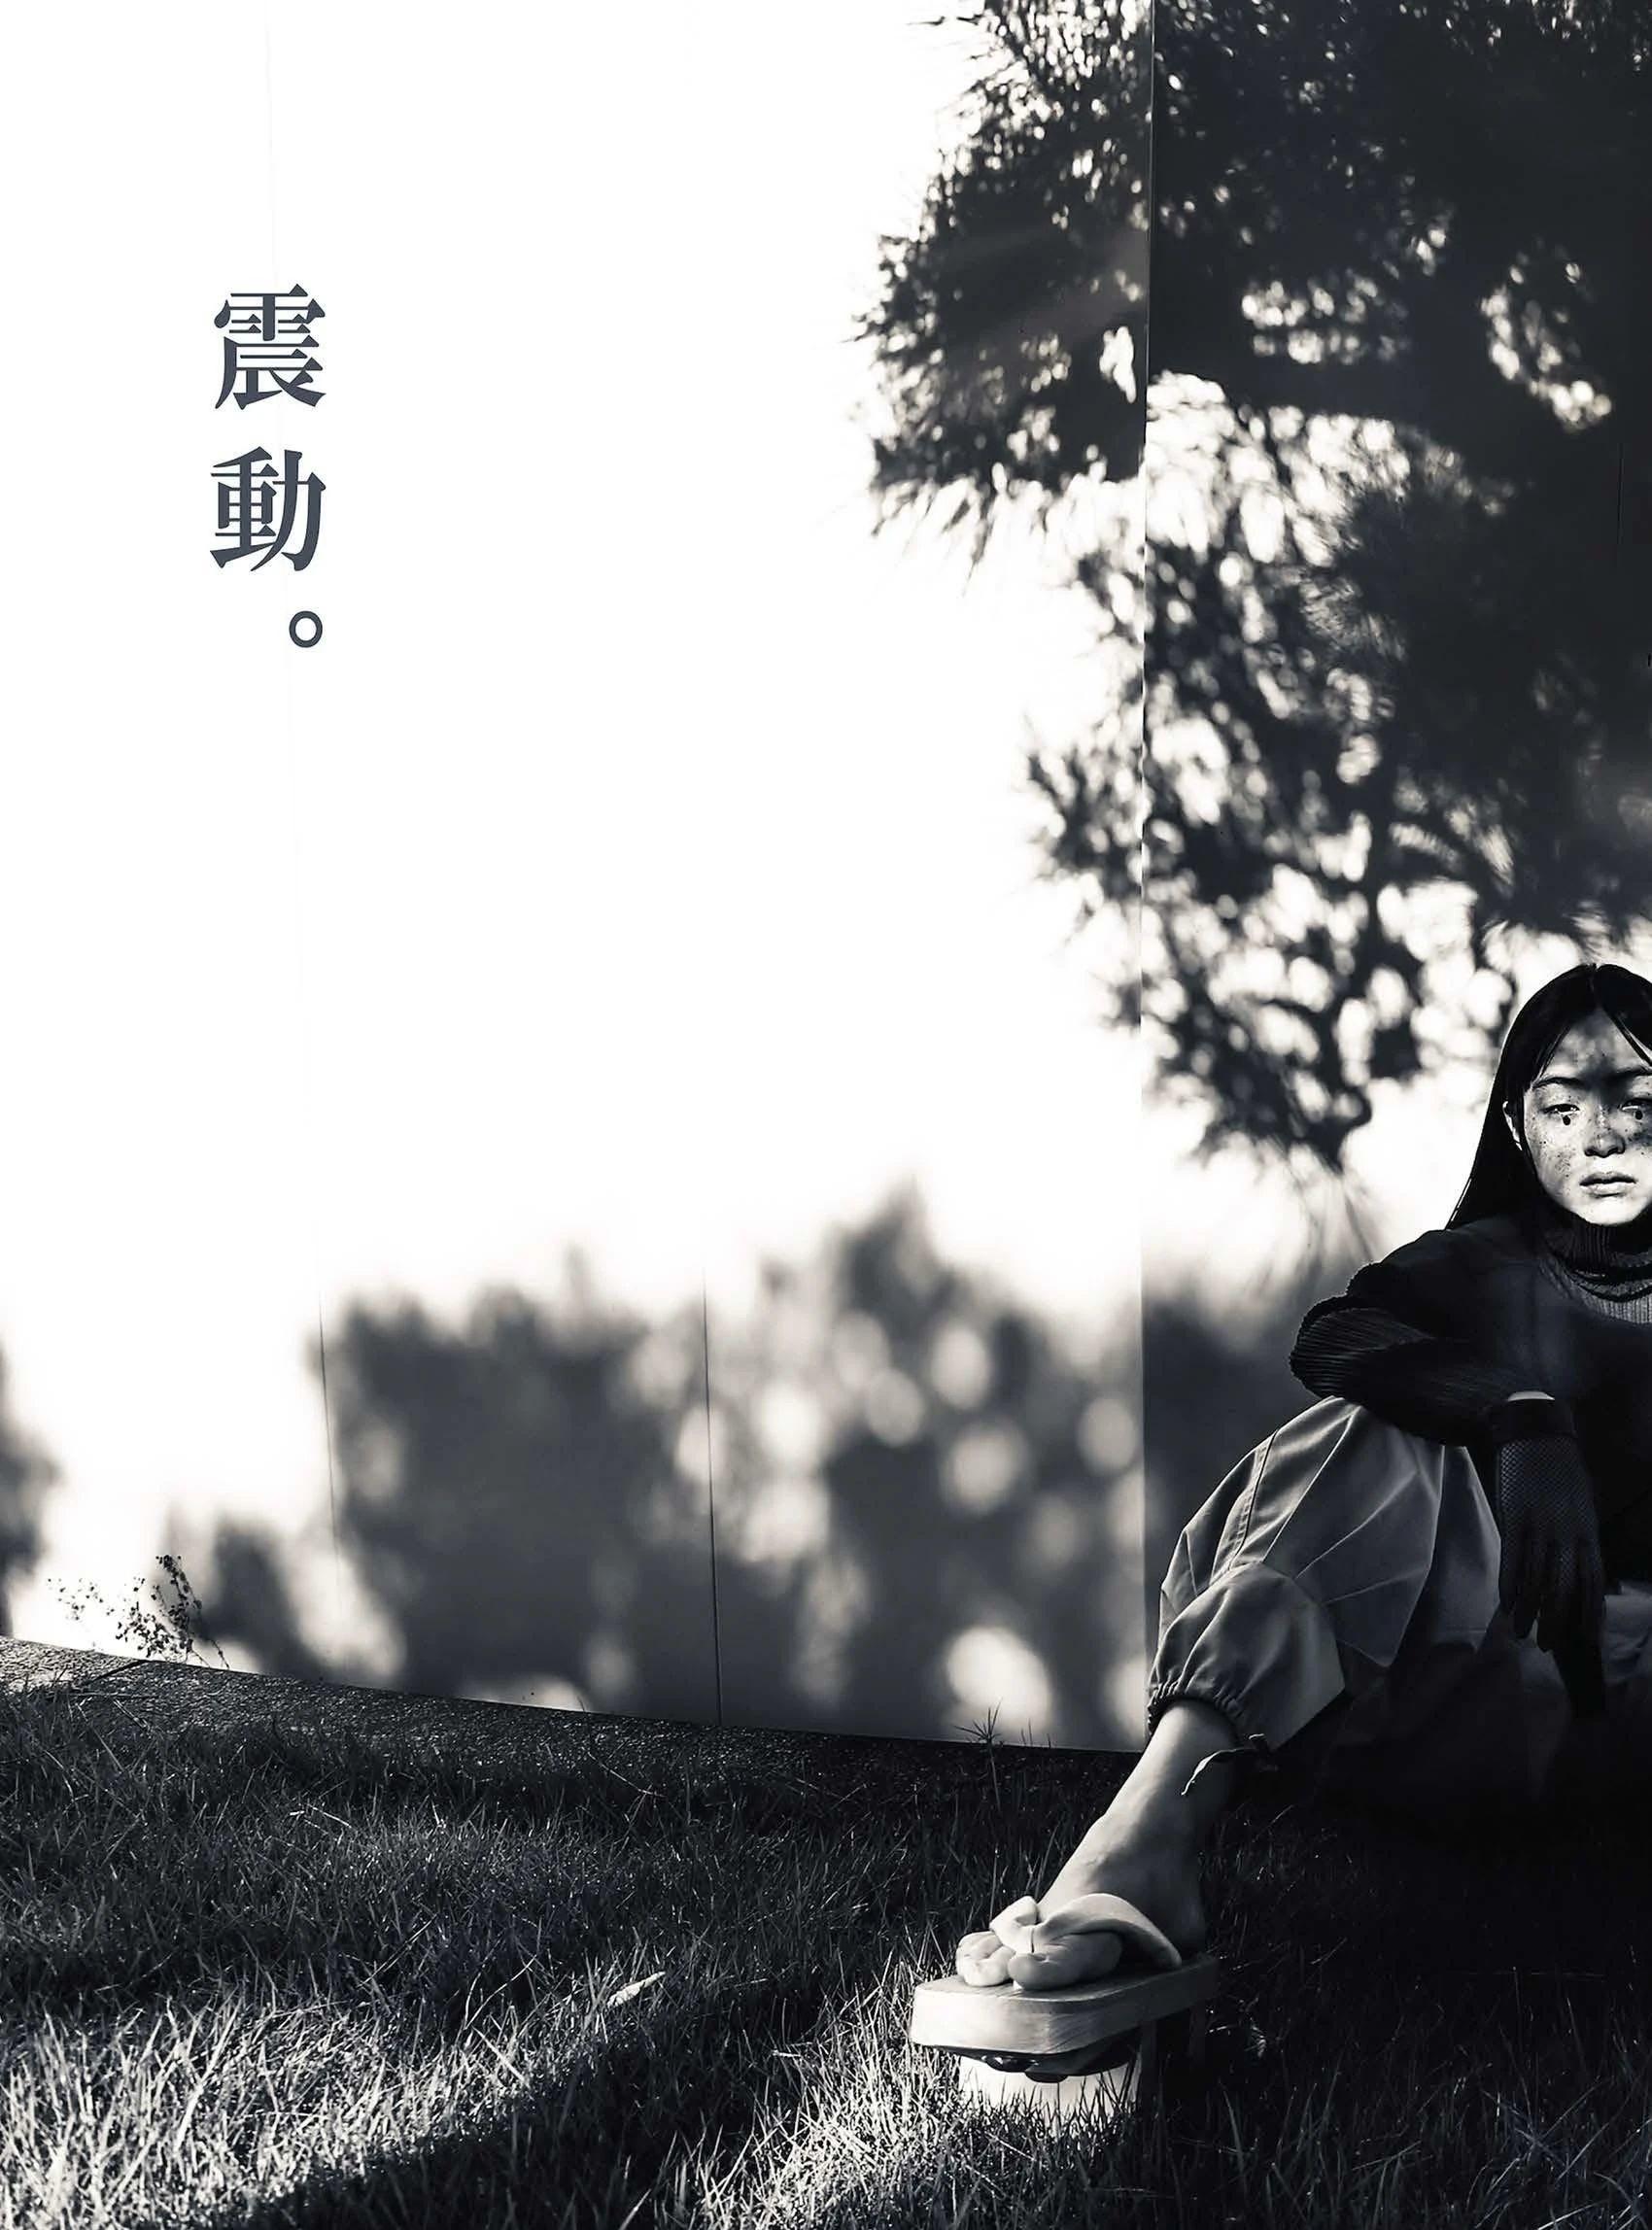 满脸雀斑却依旧很美的混血模特世理奈写真作品 (28)